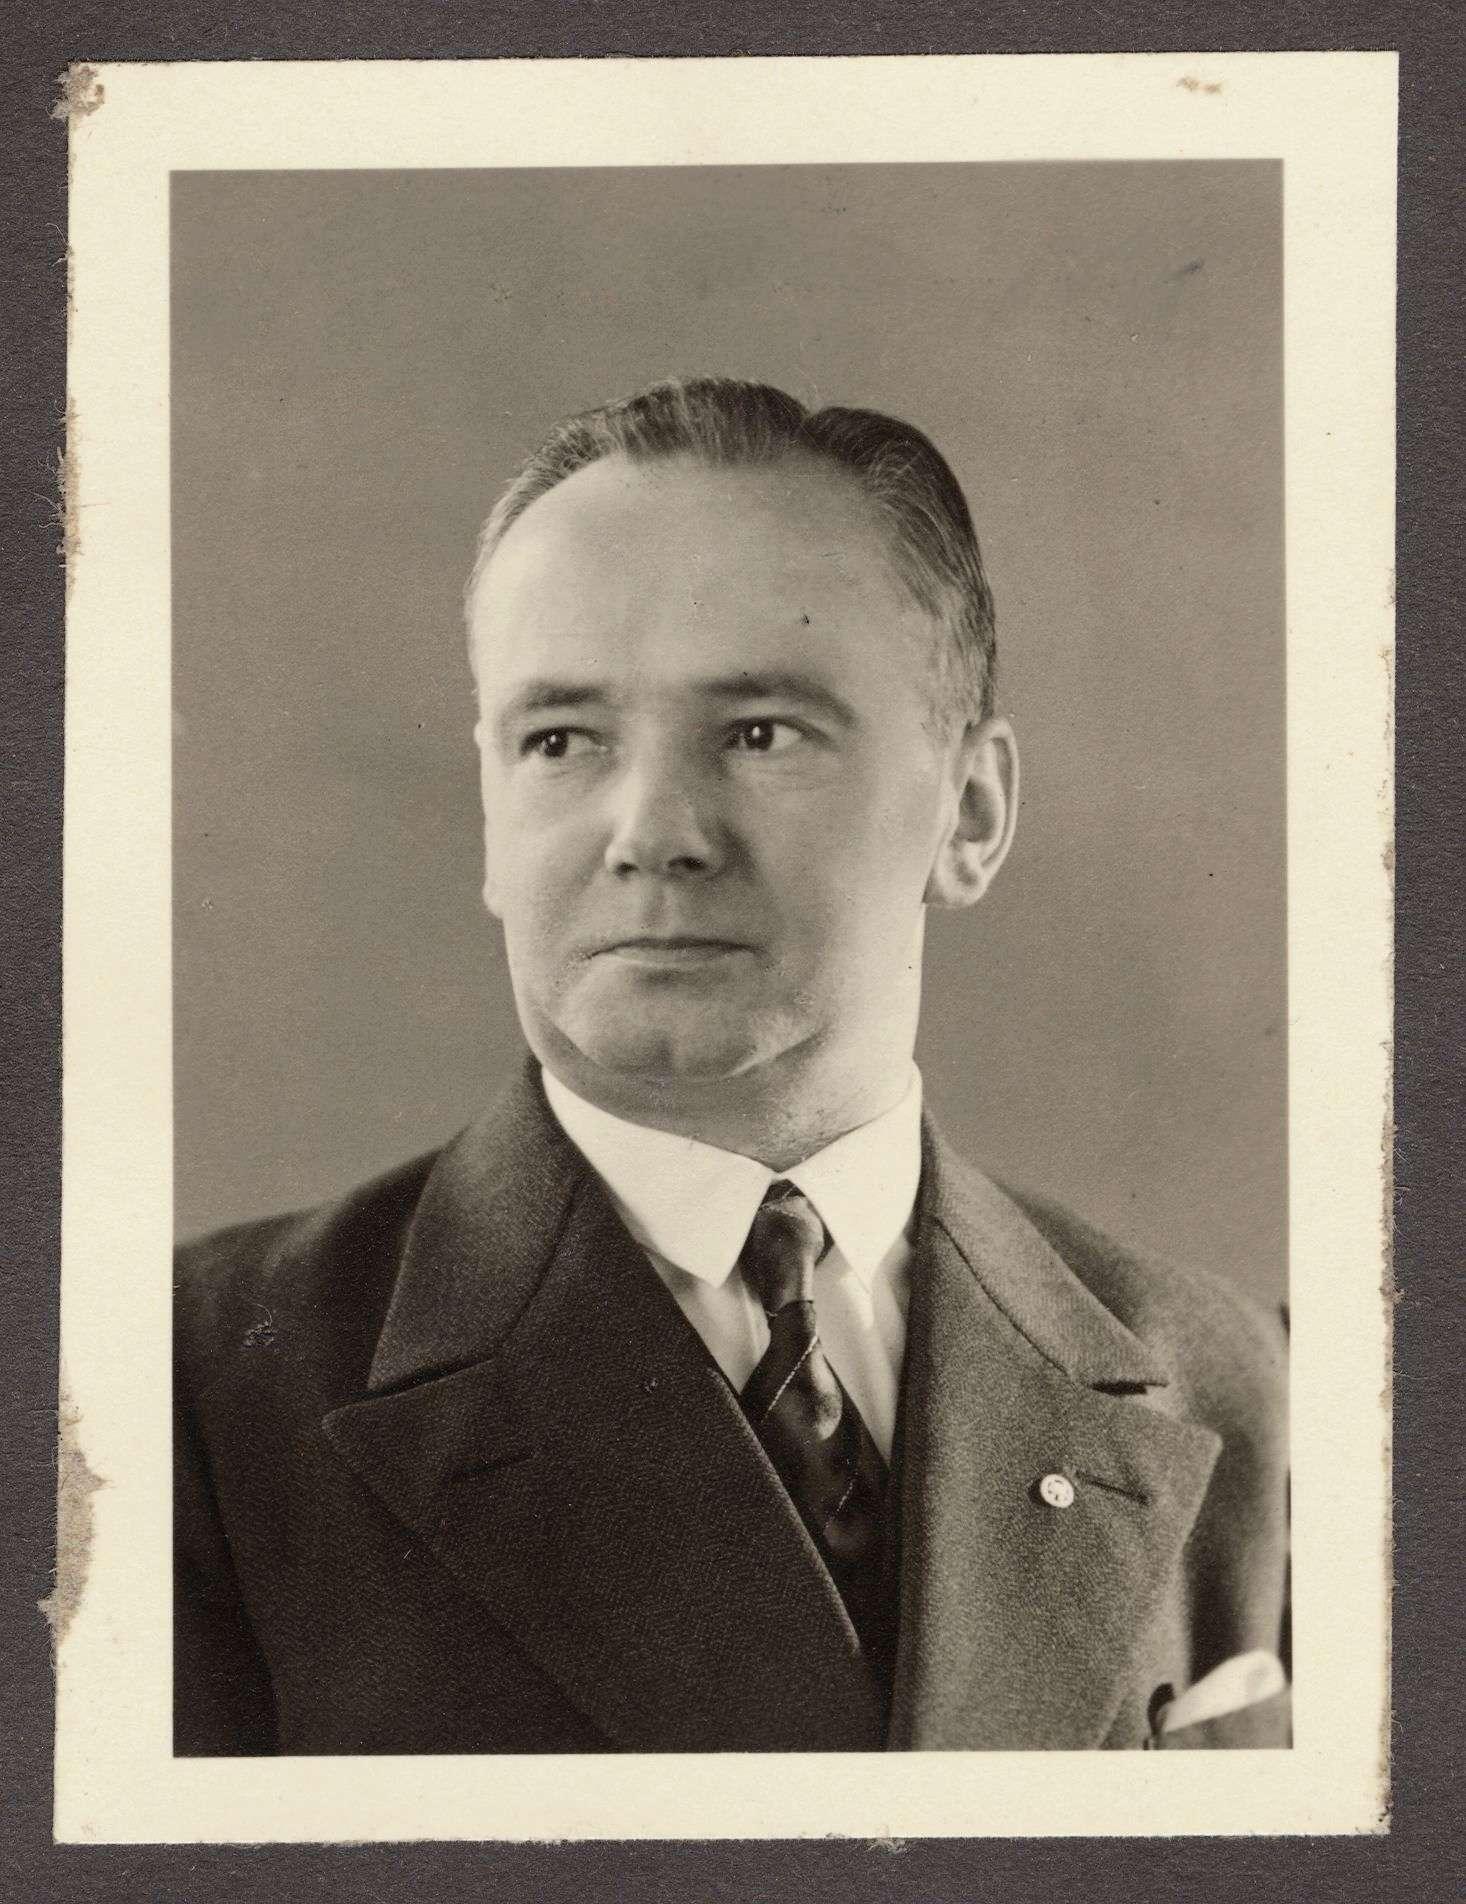 Ahrenholz, Ernst, Bild 1